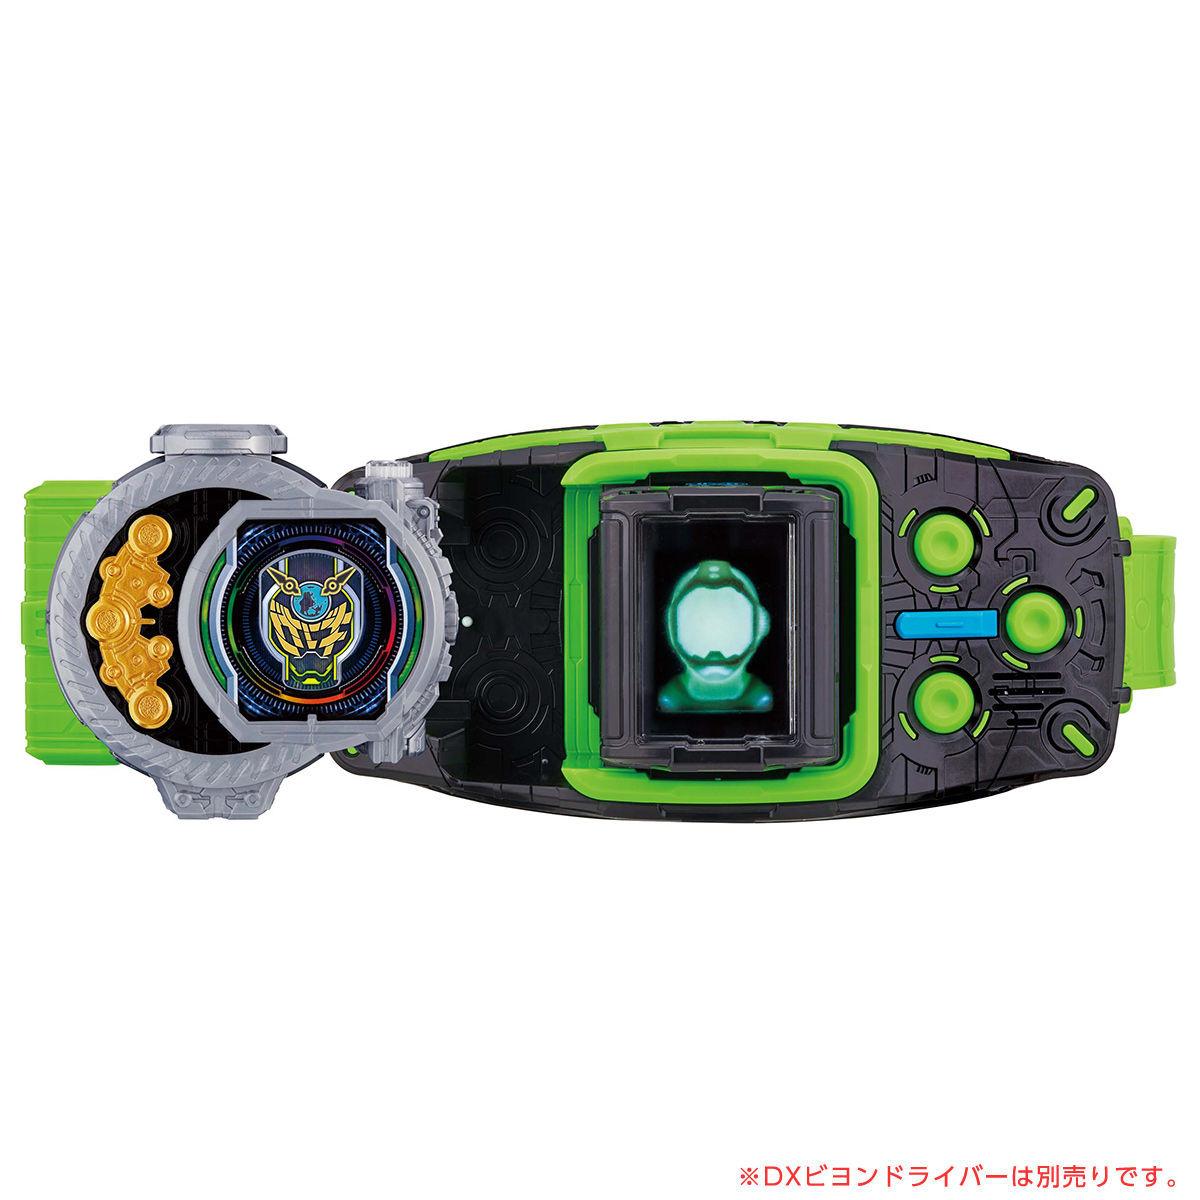 ライドウォッチ『DXギンガミライドウォッチ』仮面ライダージオウ 変身なりきり-004